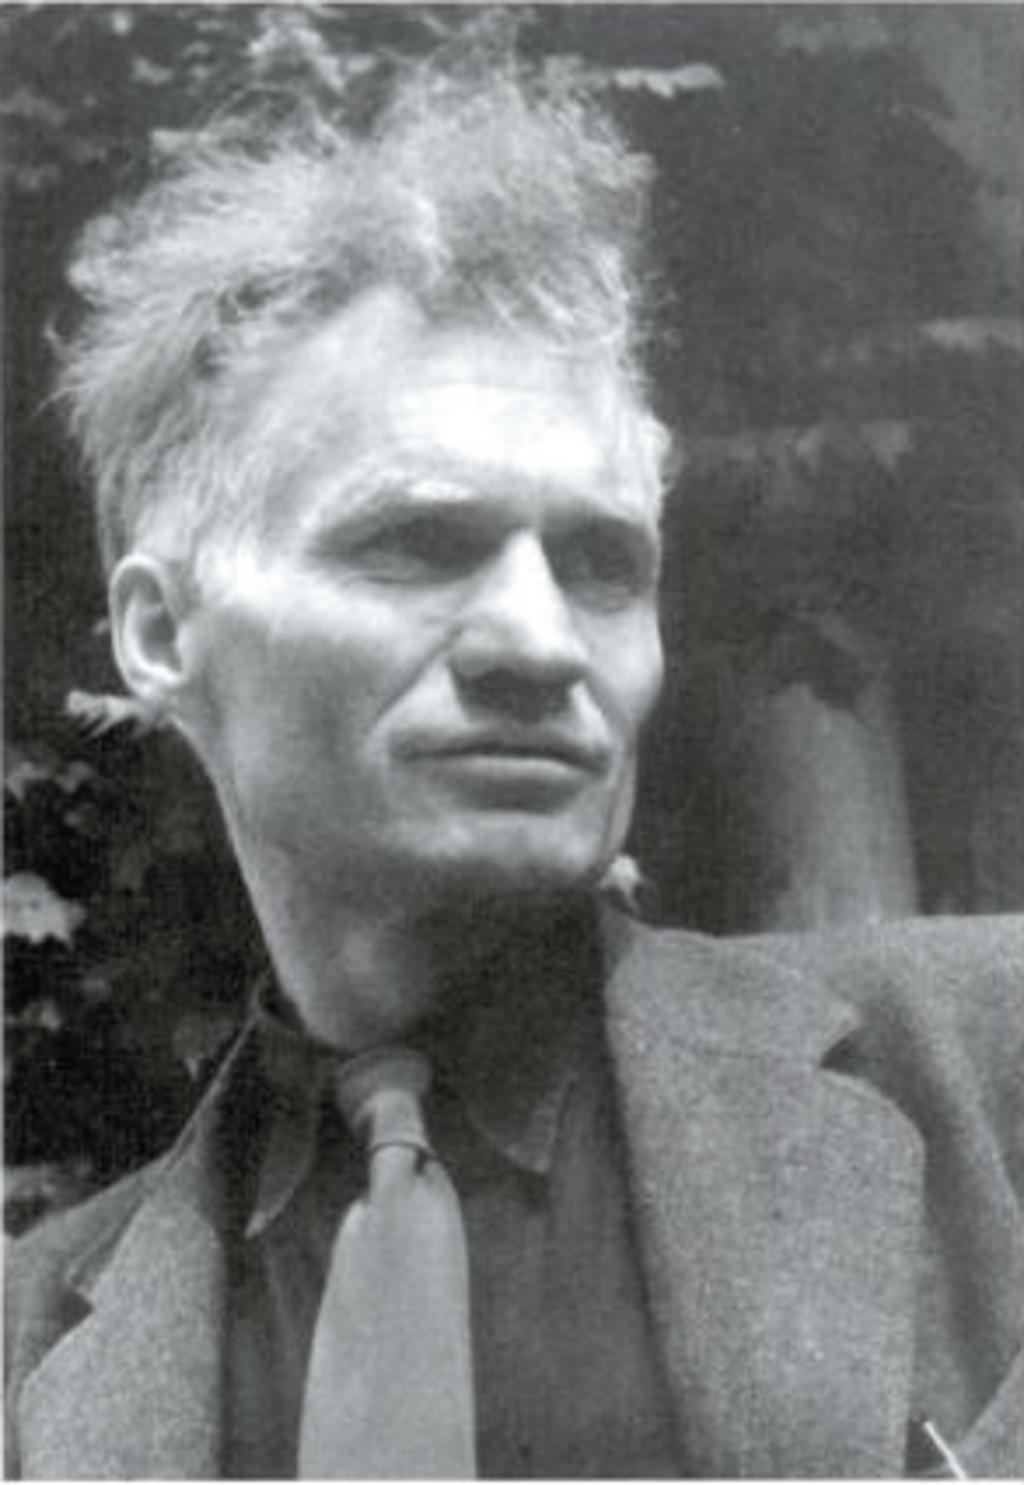 Biéler, André